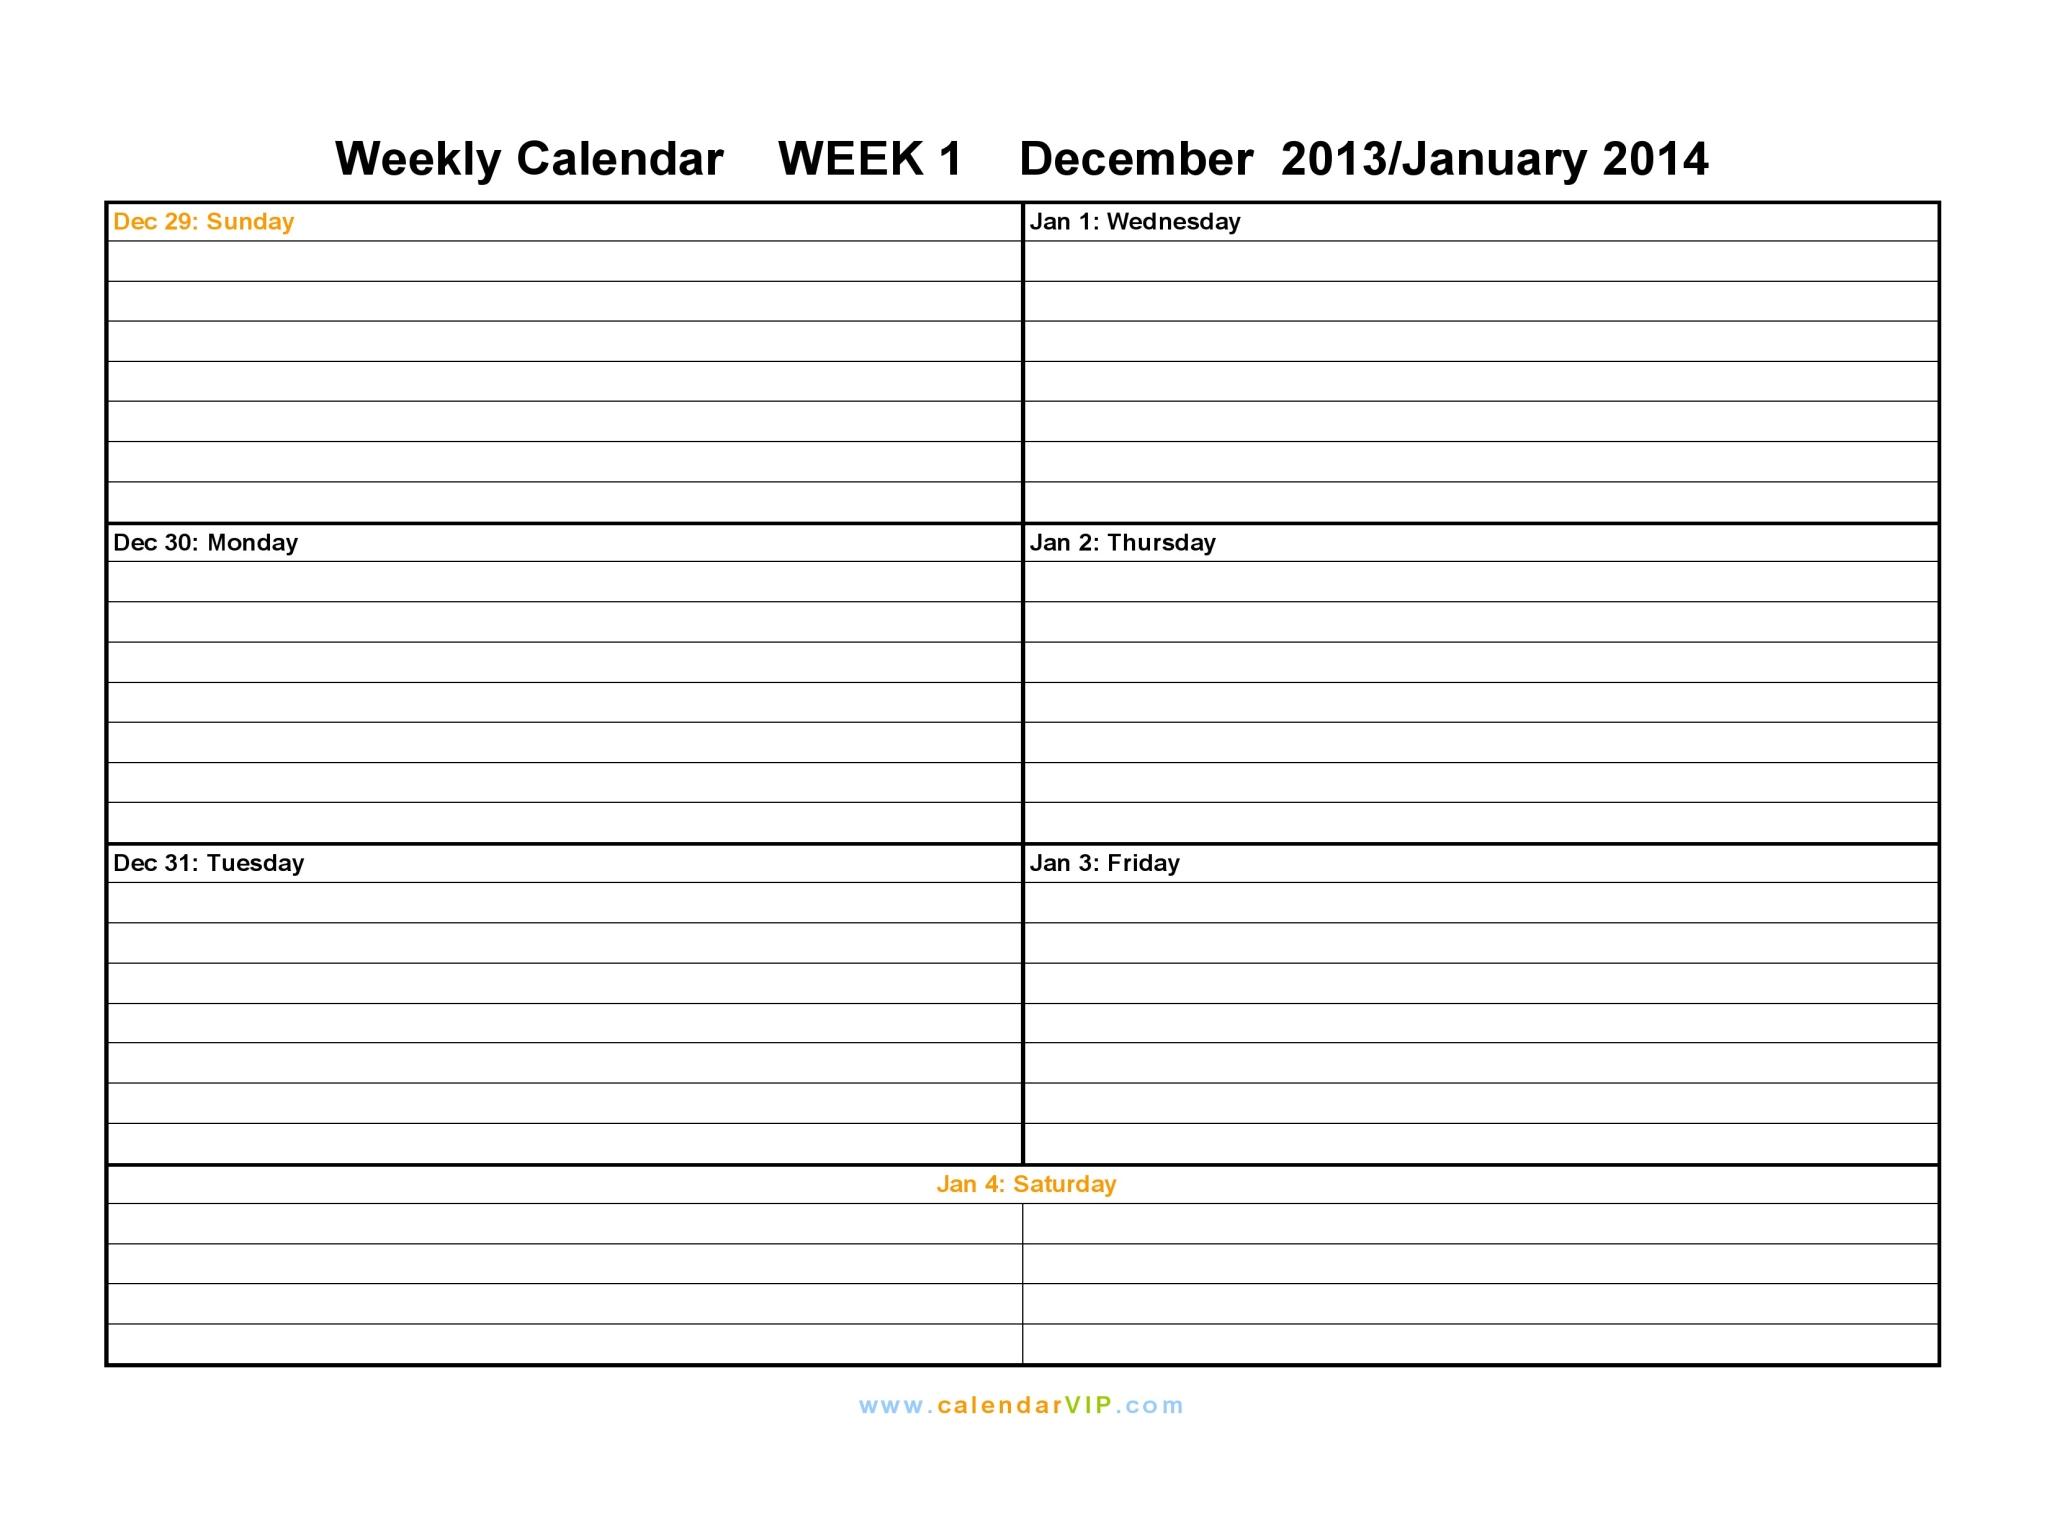 9 best images of free weekly printable calendar 2014 printable weekly calendar template 2014